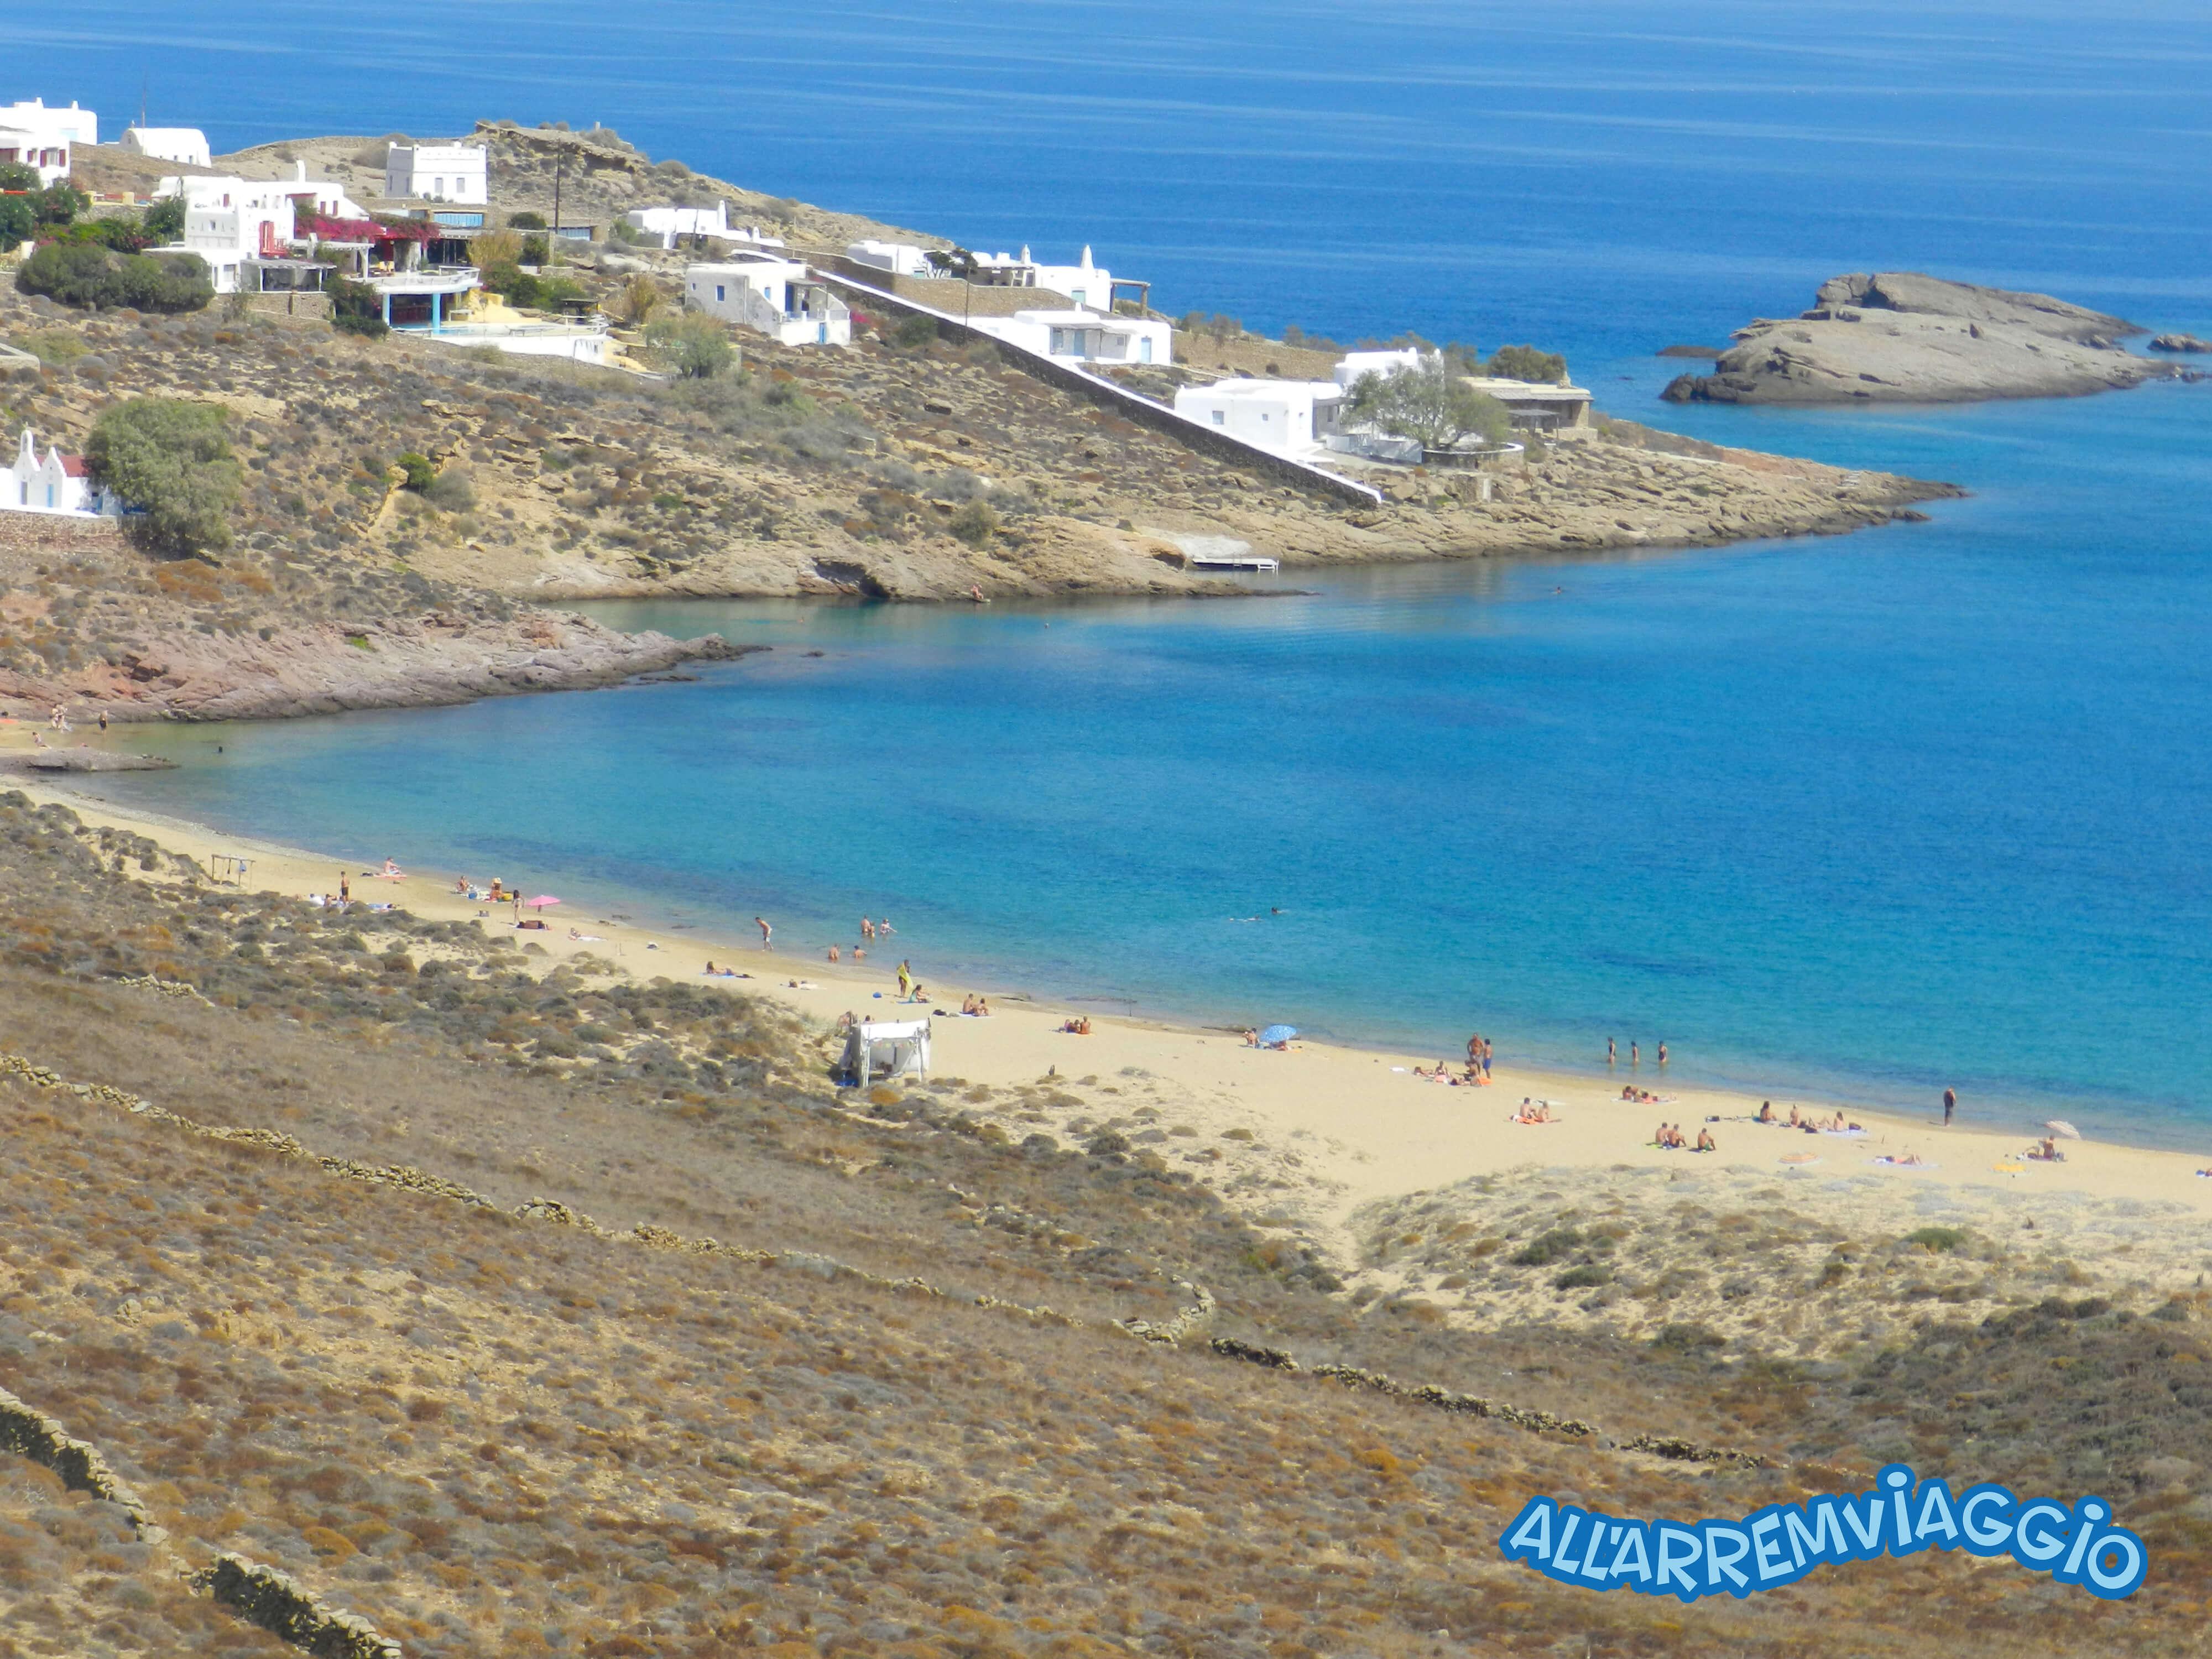 spiagge, imperdibili, mykonos, cicladi, grecia, mare, spiaggedasogno, Agiossostis